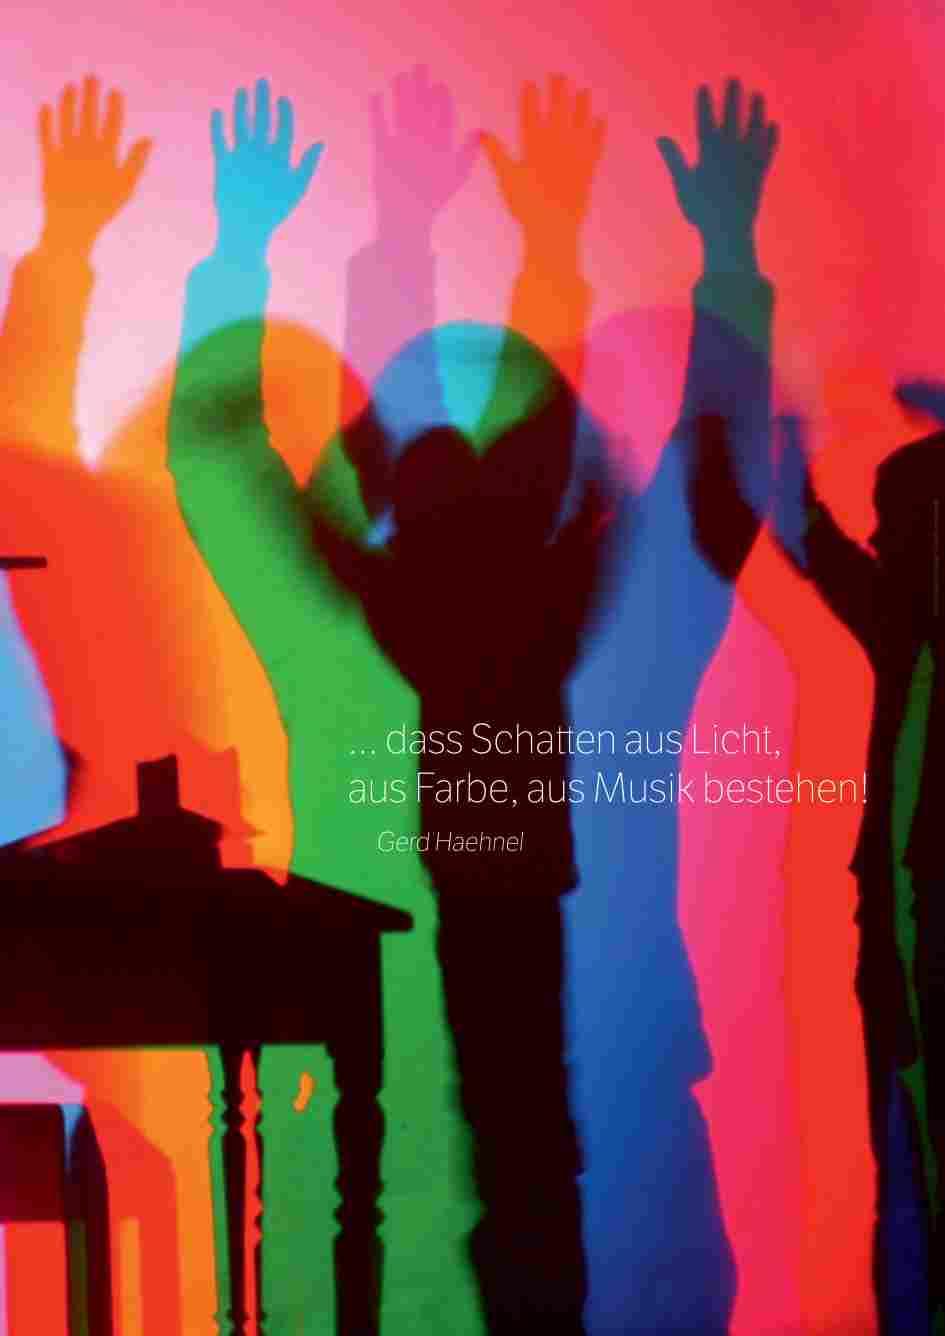 Plakat Gerd ohne Ruhr2010 Schrift verklein